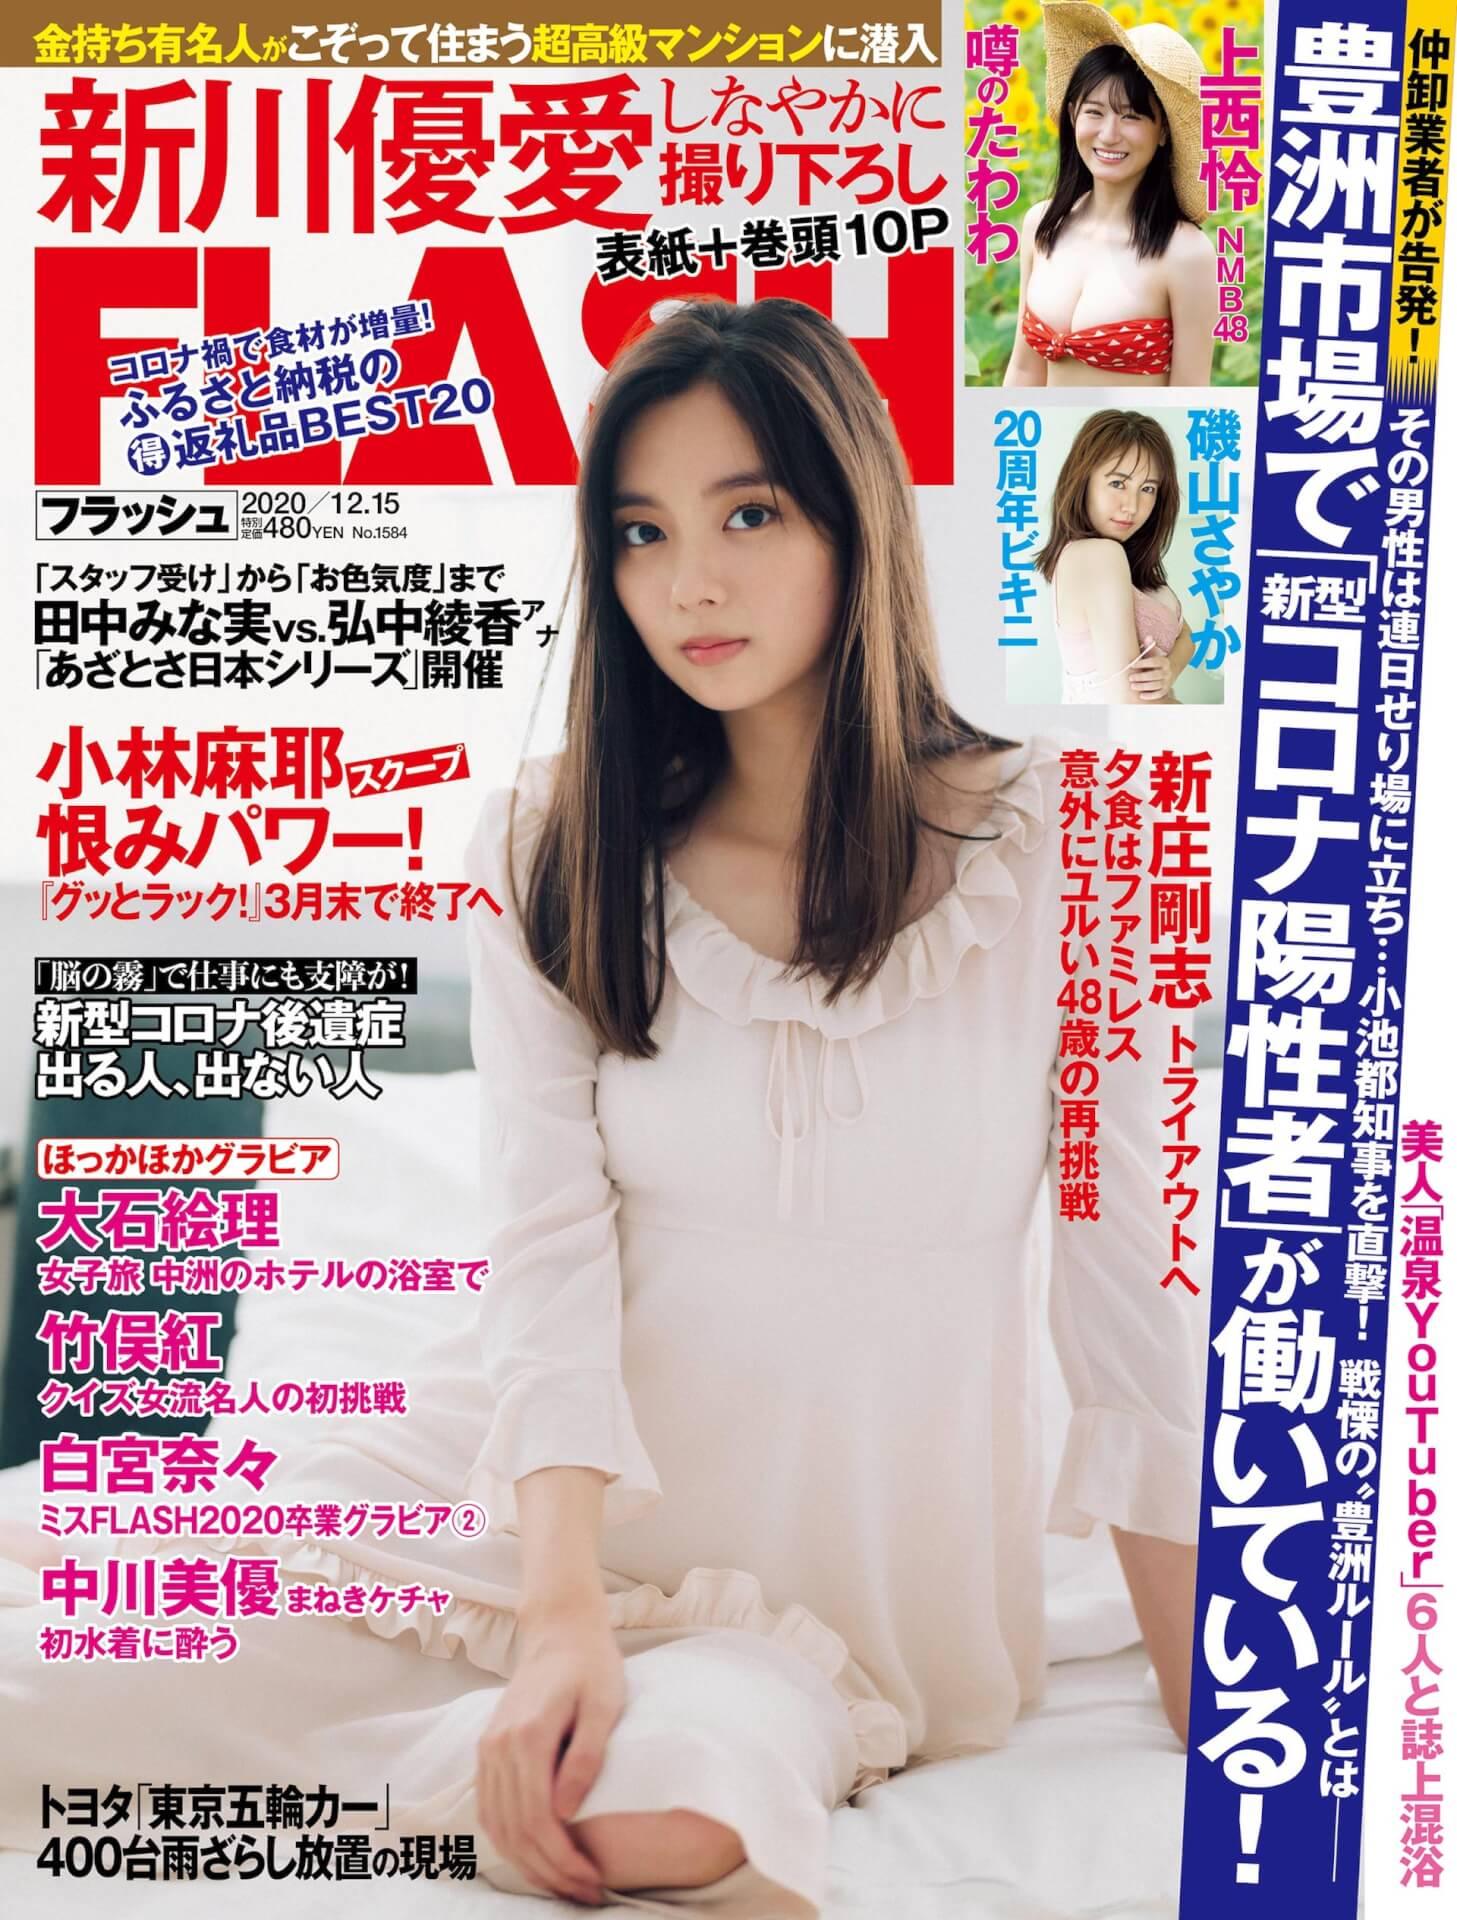 今週号『FLASH』にはアダルトなセクシーさで魅了する大石絵理の女子旅グラビアがたっぷり収録!表紙には新川優愛が登場 art201201_flash_7